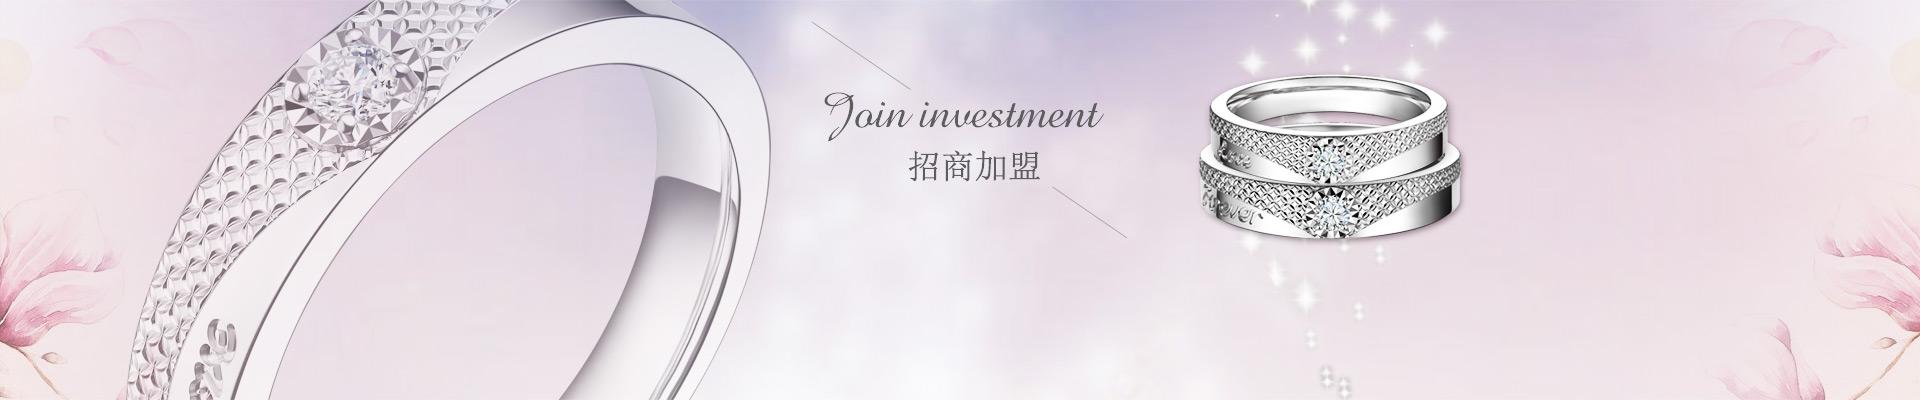 招商加盟-必威app手机下载精装版必威app集团